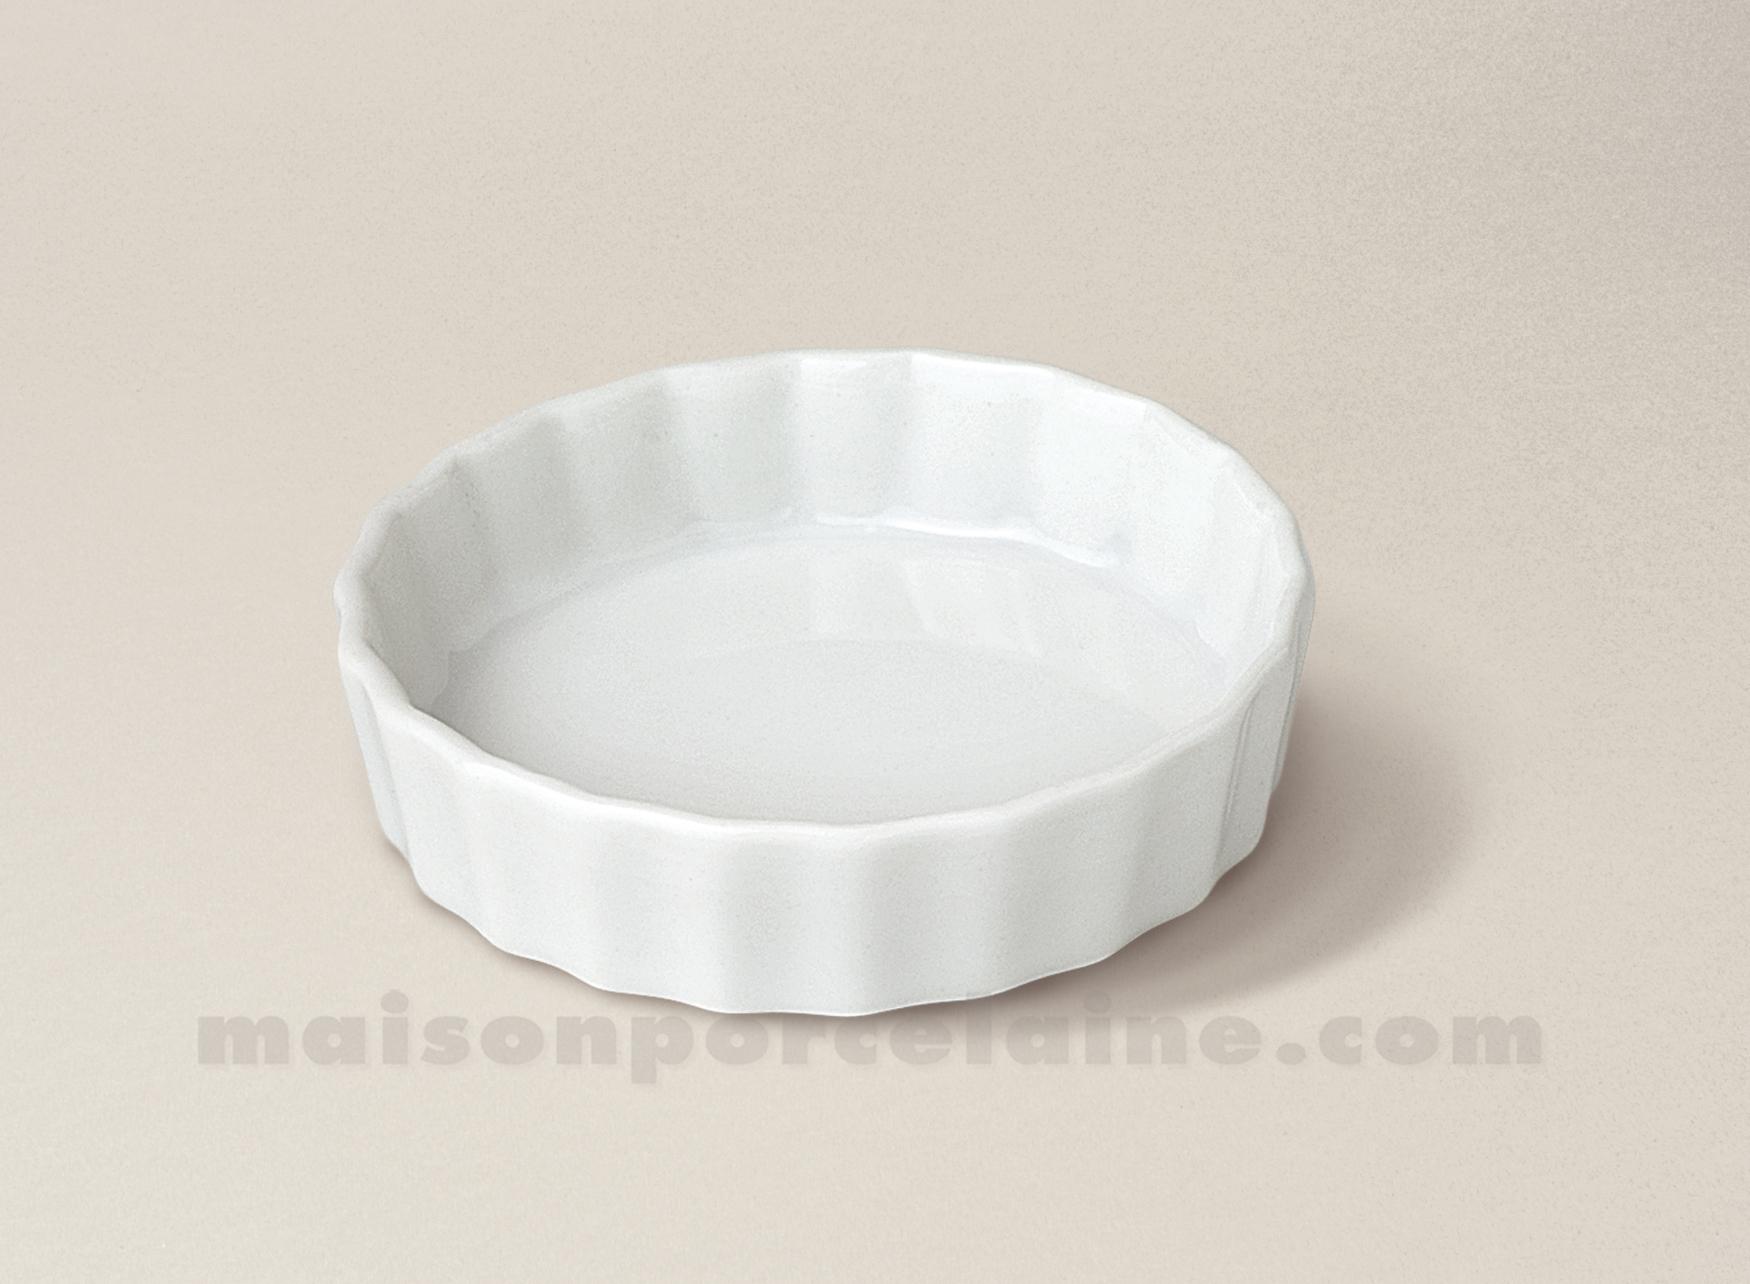 Mise en bouche porcelaine blanche tartelette 8x3 maison for Interieur de la bouche blanche